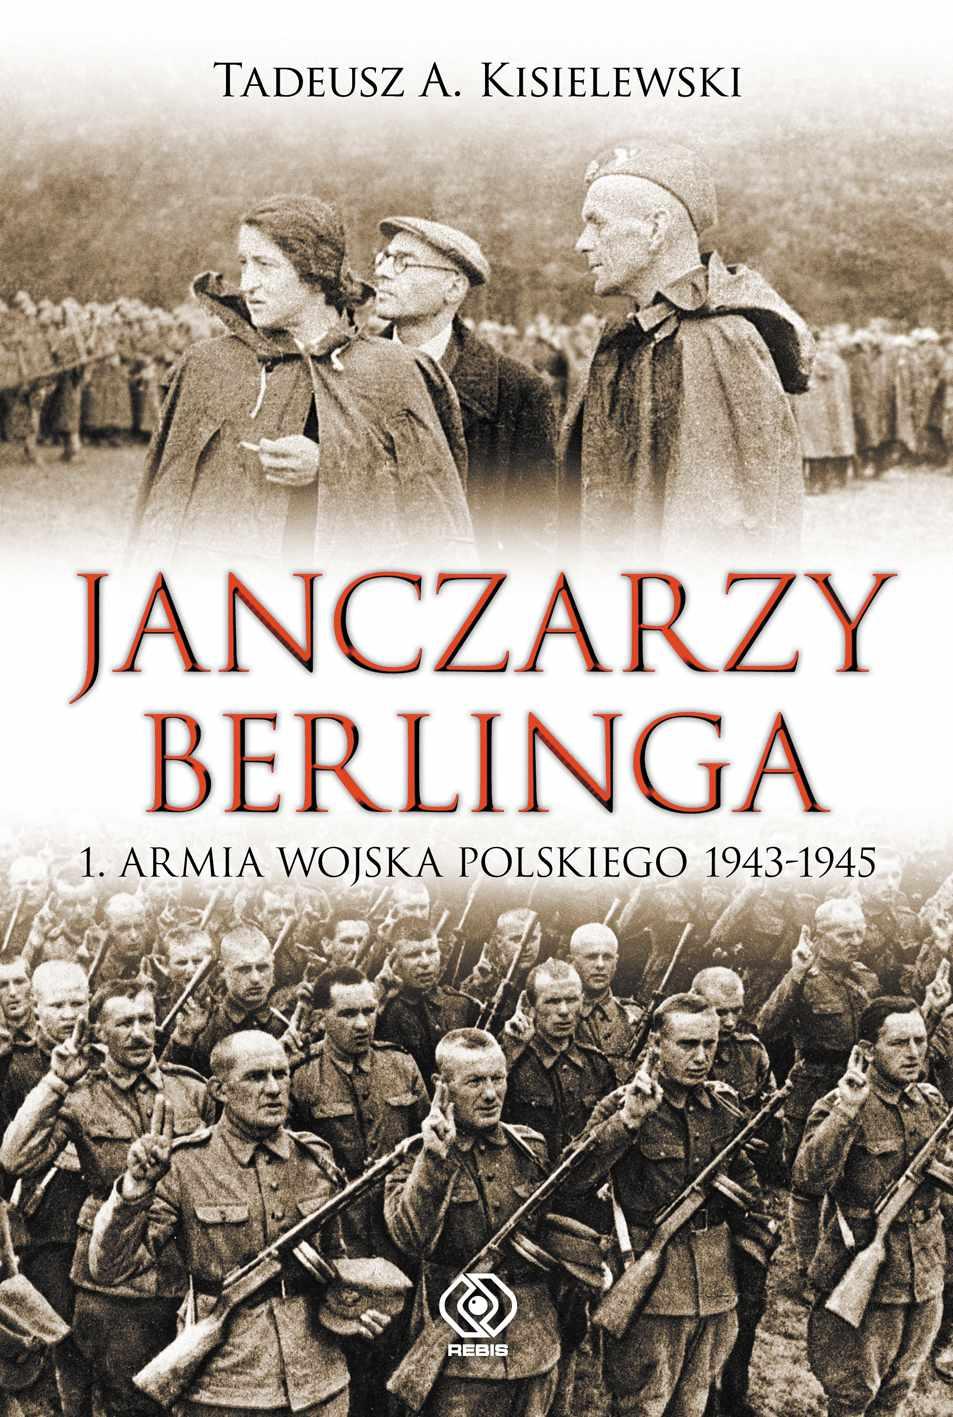 Janczarzy Berlinga - Ebook (Książka EPUB) do pobrania w formacie EPUB